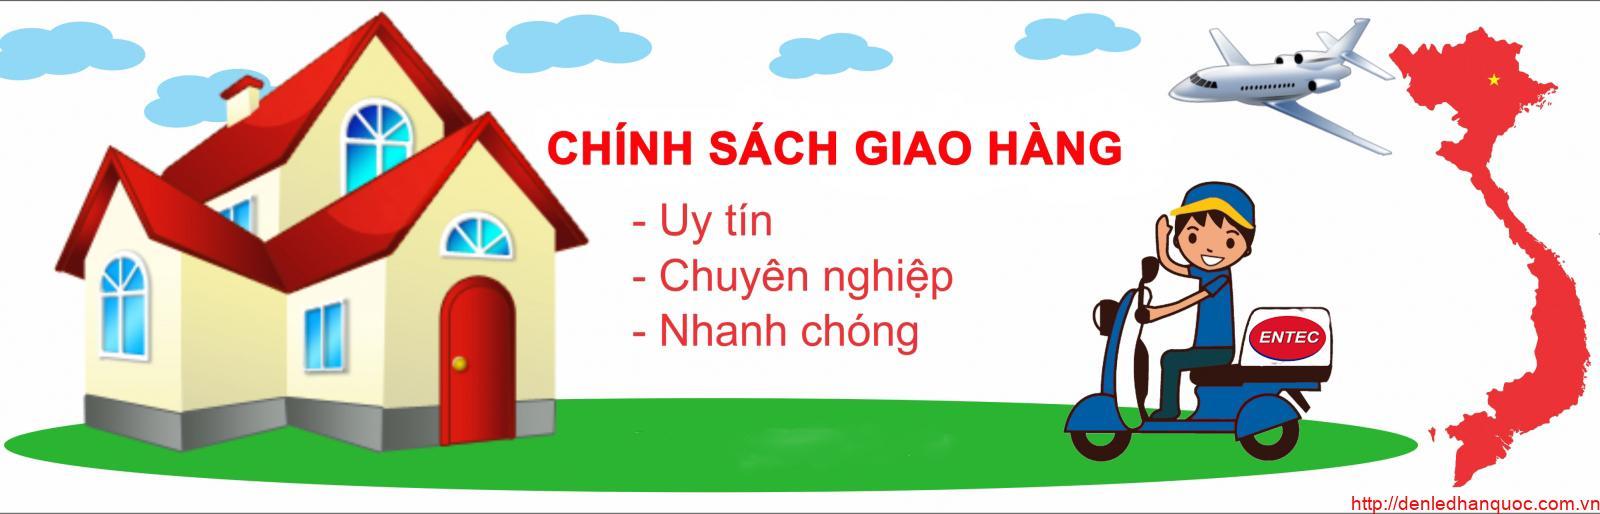 chinh-sach-giao-hang-de-led-han-quoc-entec